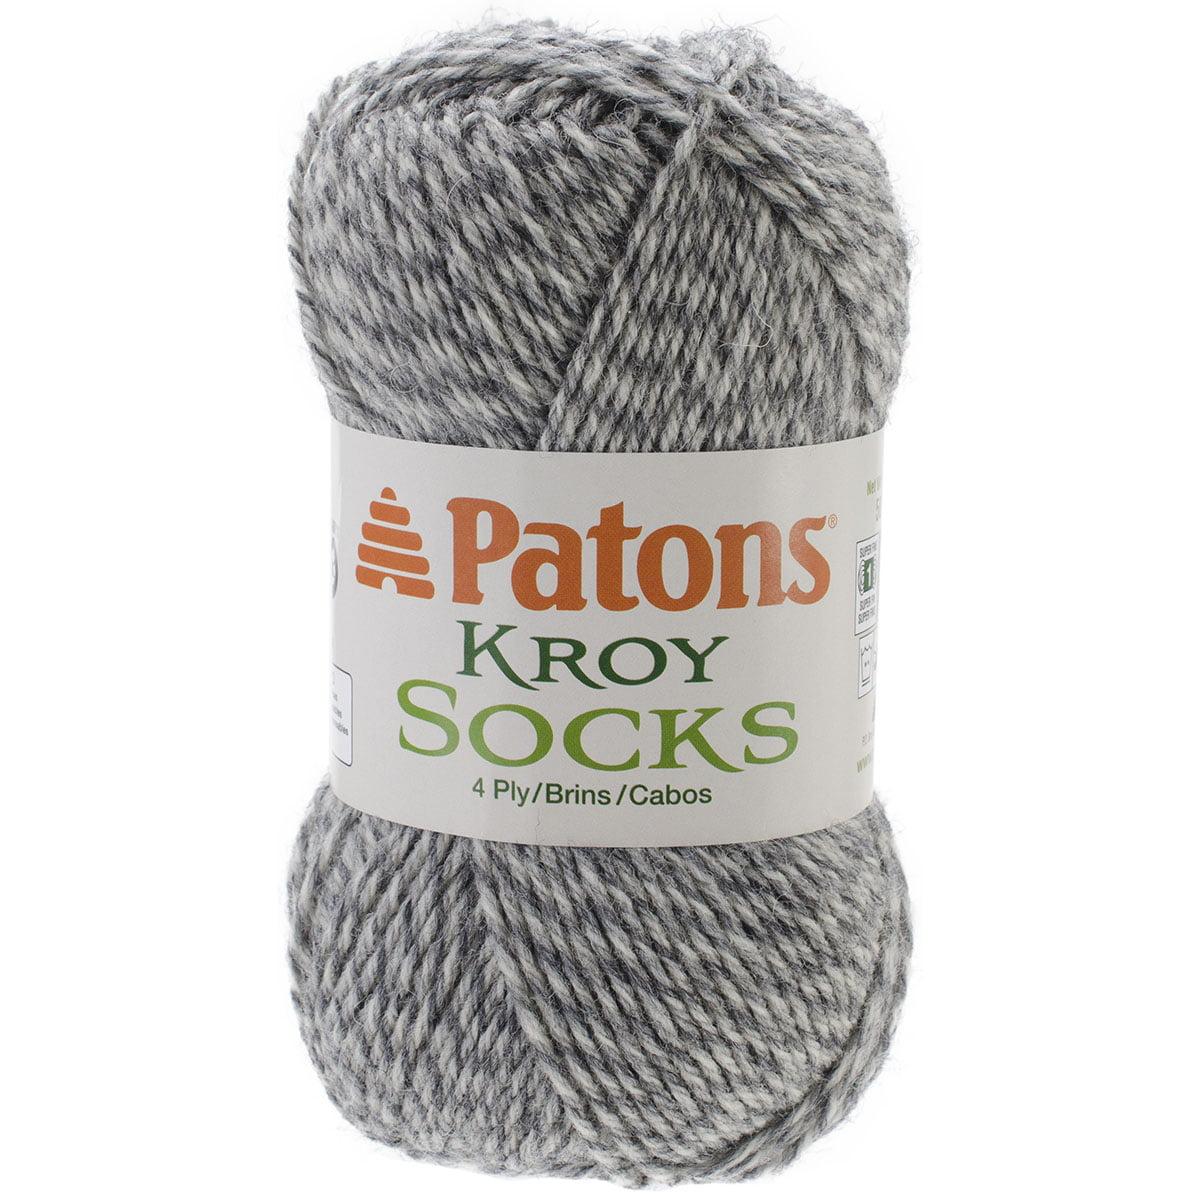 Kroy Socks Yarn-Grey Marl